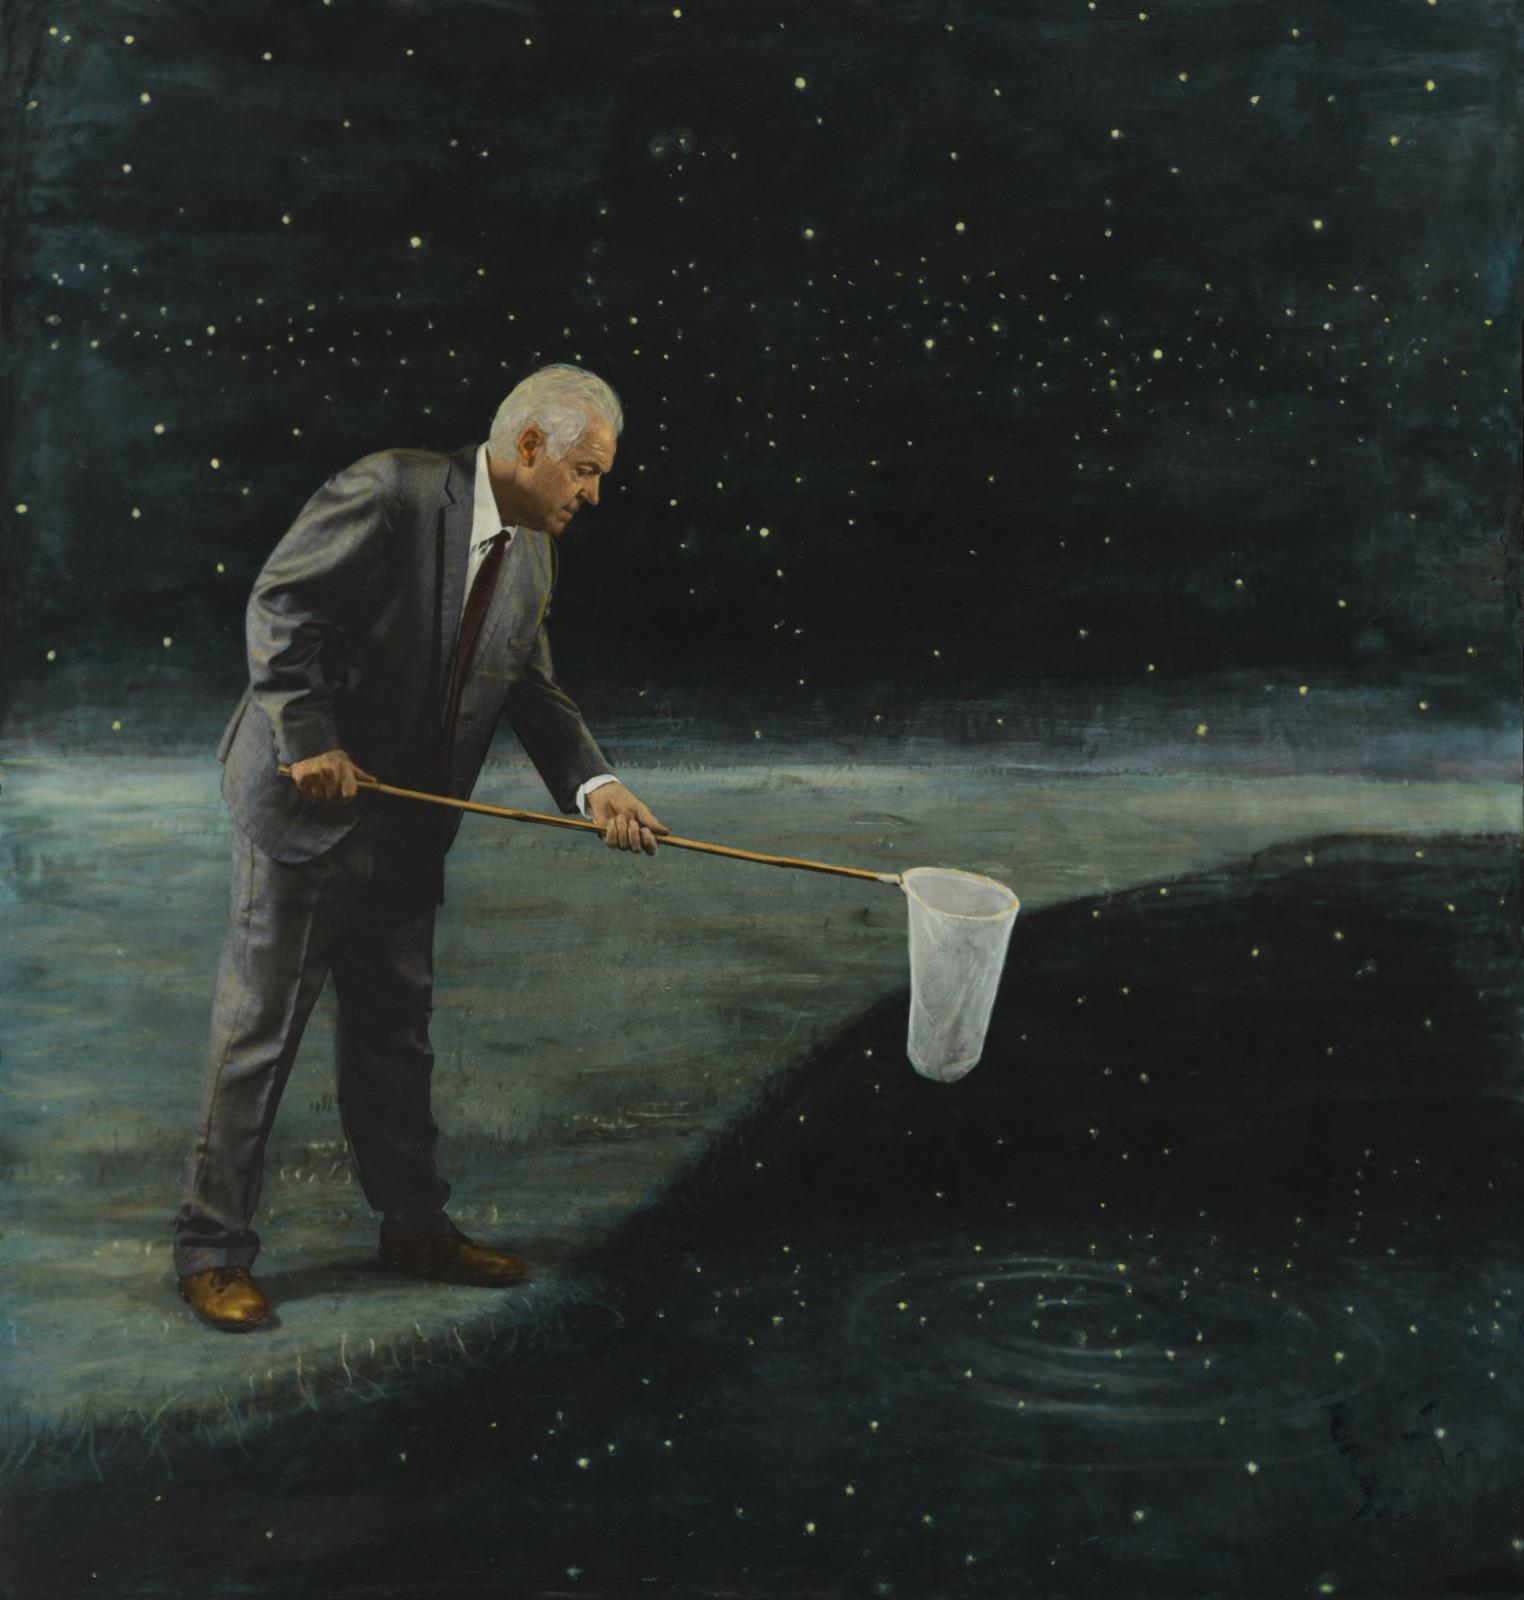 ludieke foto van oudere man in pak met een schepnet alsof hij in een rivier van de sterrenhemel staat te vissen